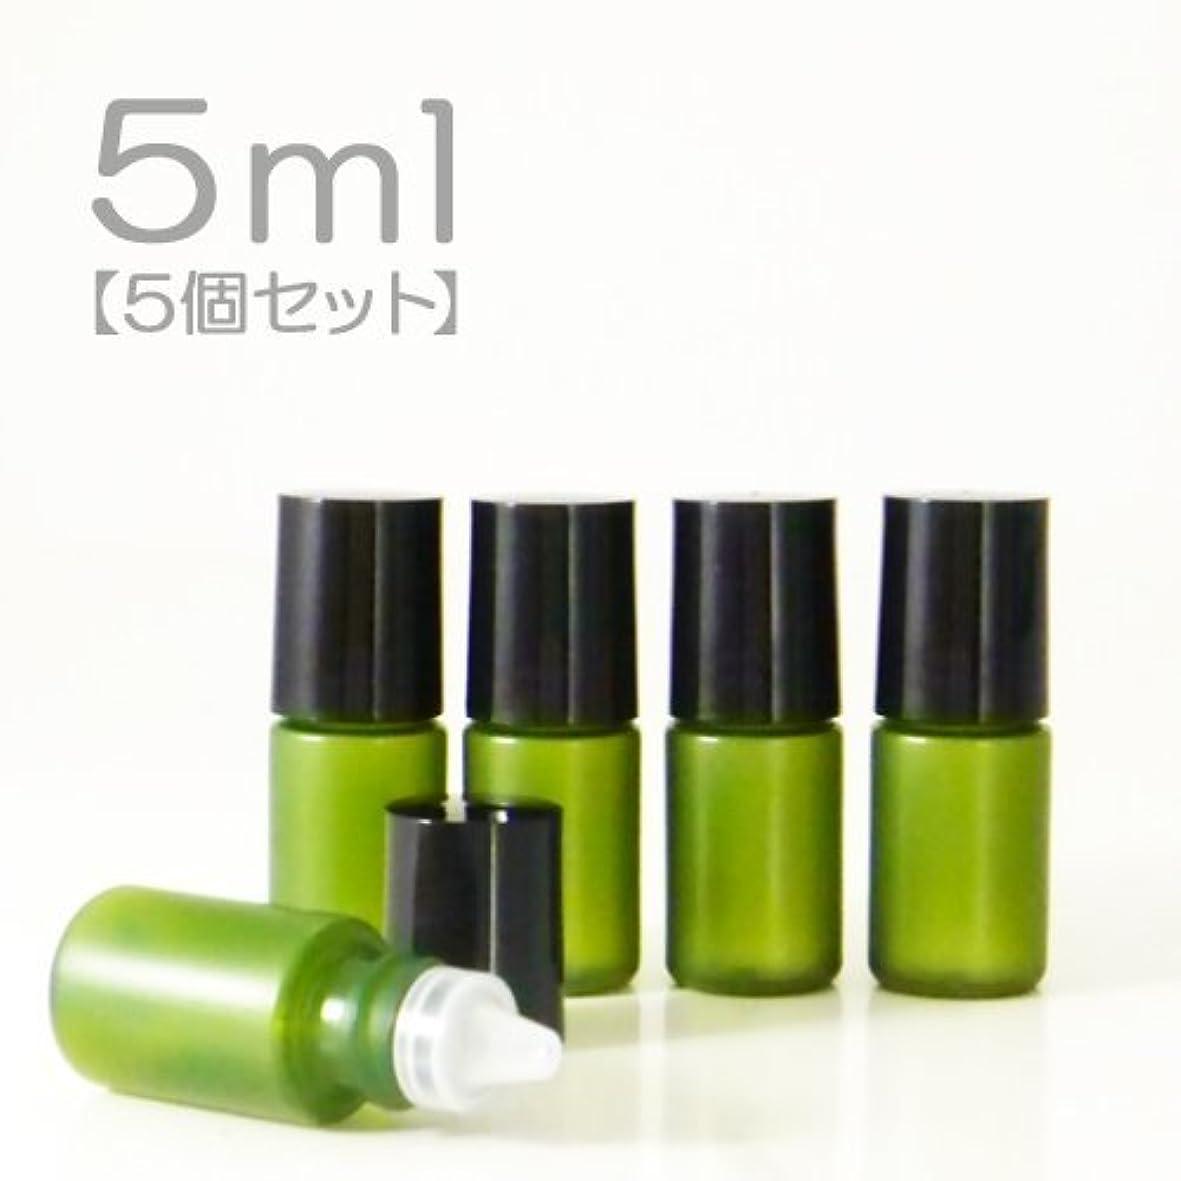 それらバラエティ和ミニボトル容器 化粧品容器 グリーン 5ml 5個セット